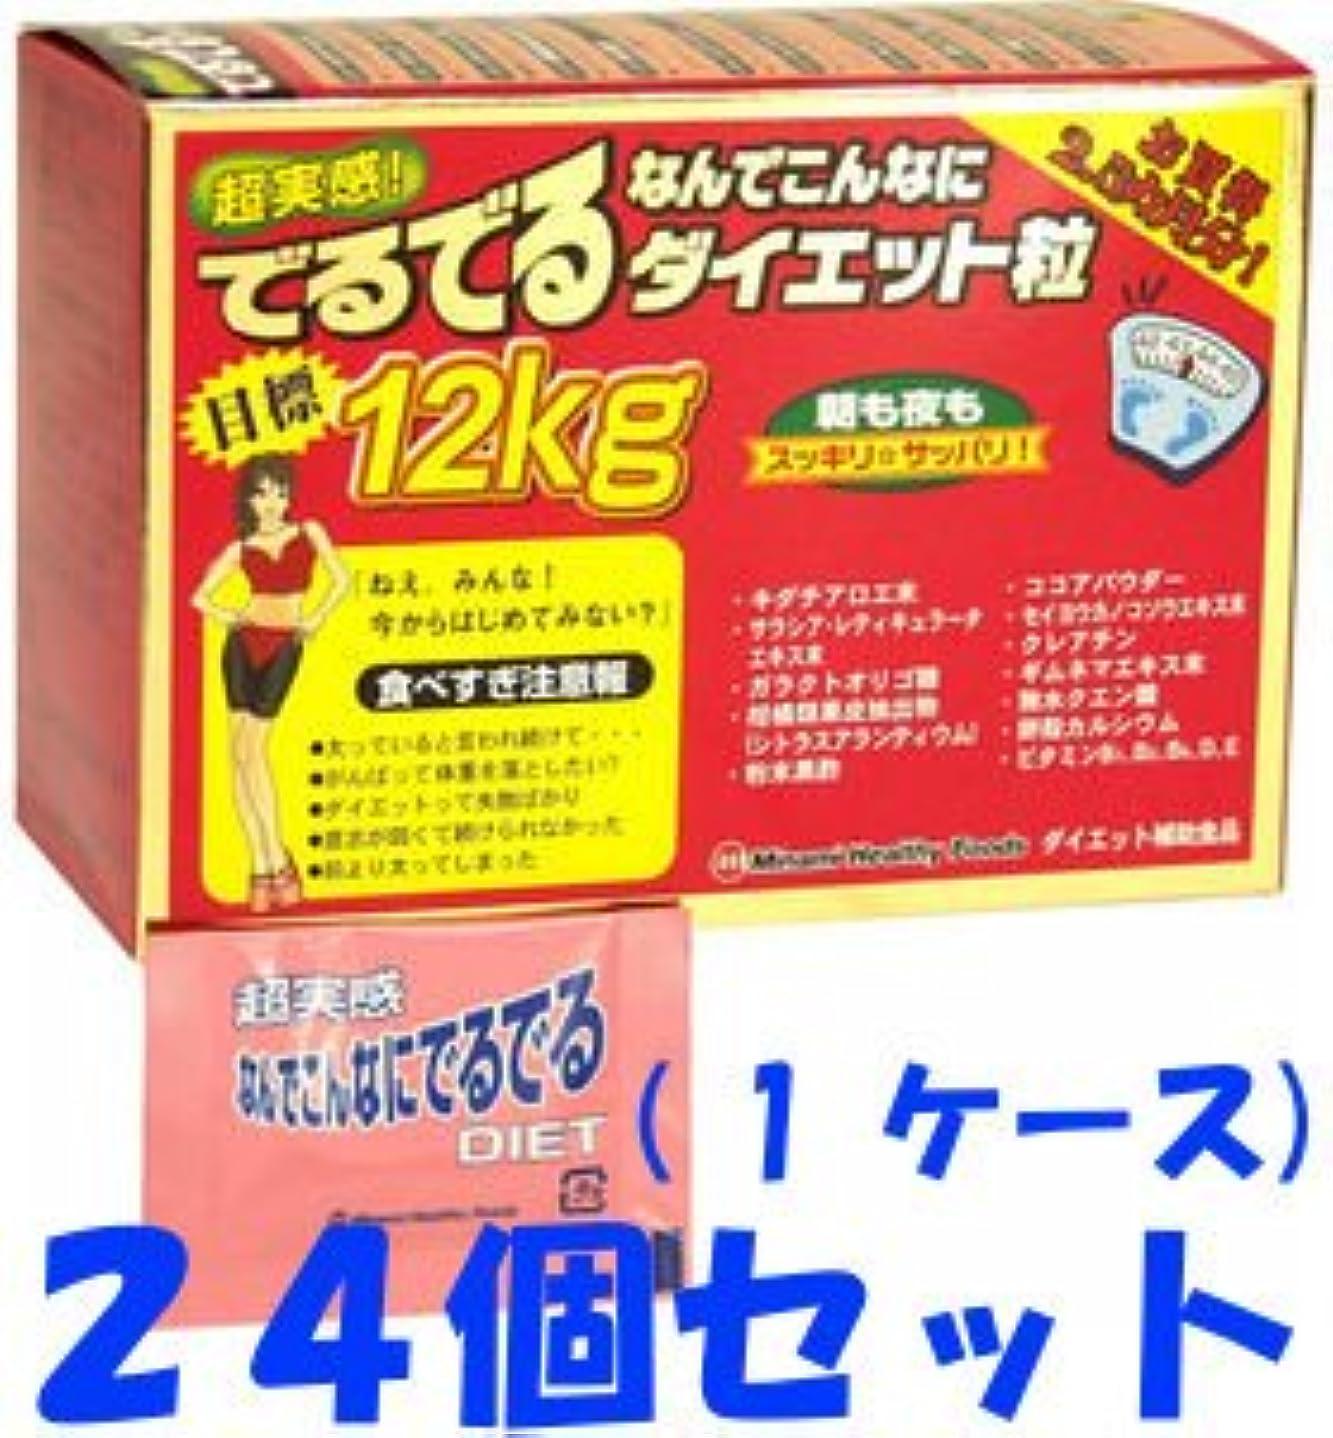 収まるチューブ反乱【1ケース(24個)セット】超実感なんでこんなにでるでるダイエット粒 75袋